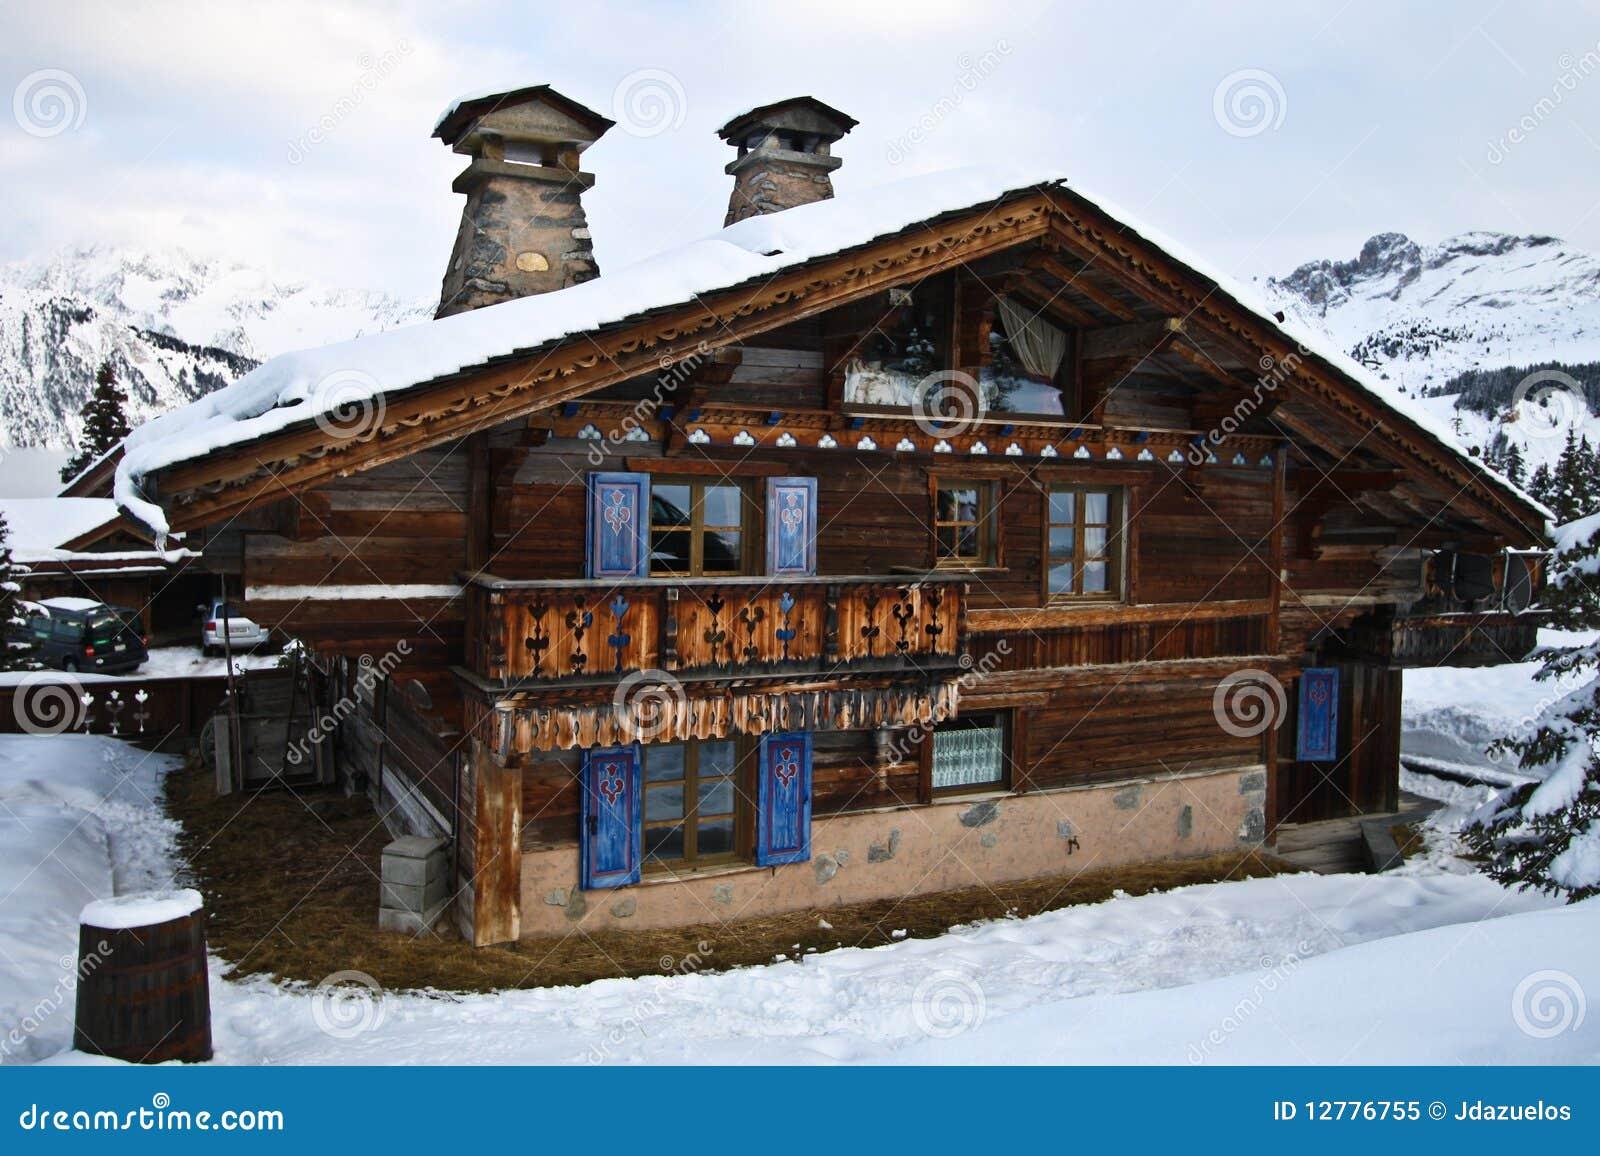 Abris de jardin - poulailler: Questions, conception et mise en oeuvre  Chalet-alpestre-suisse-12776755